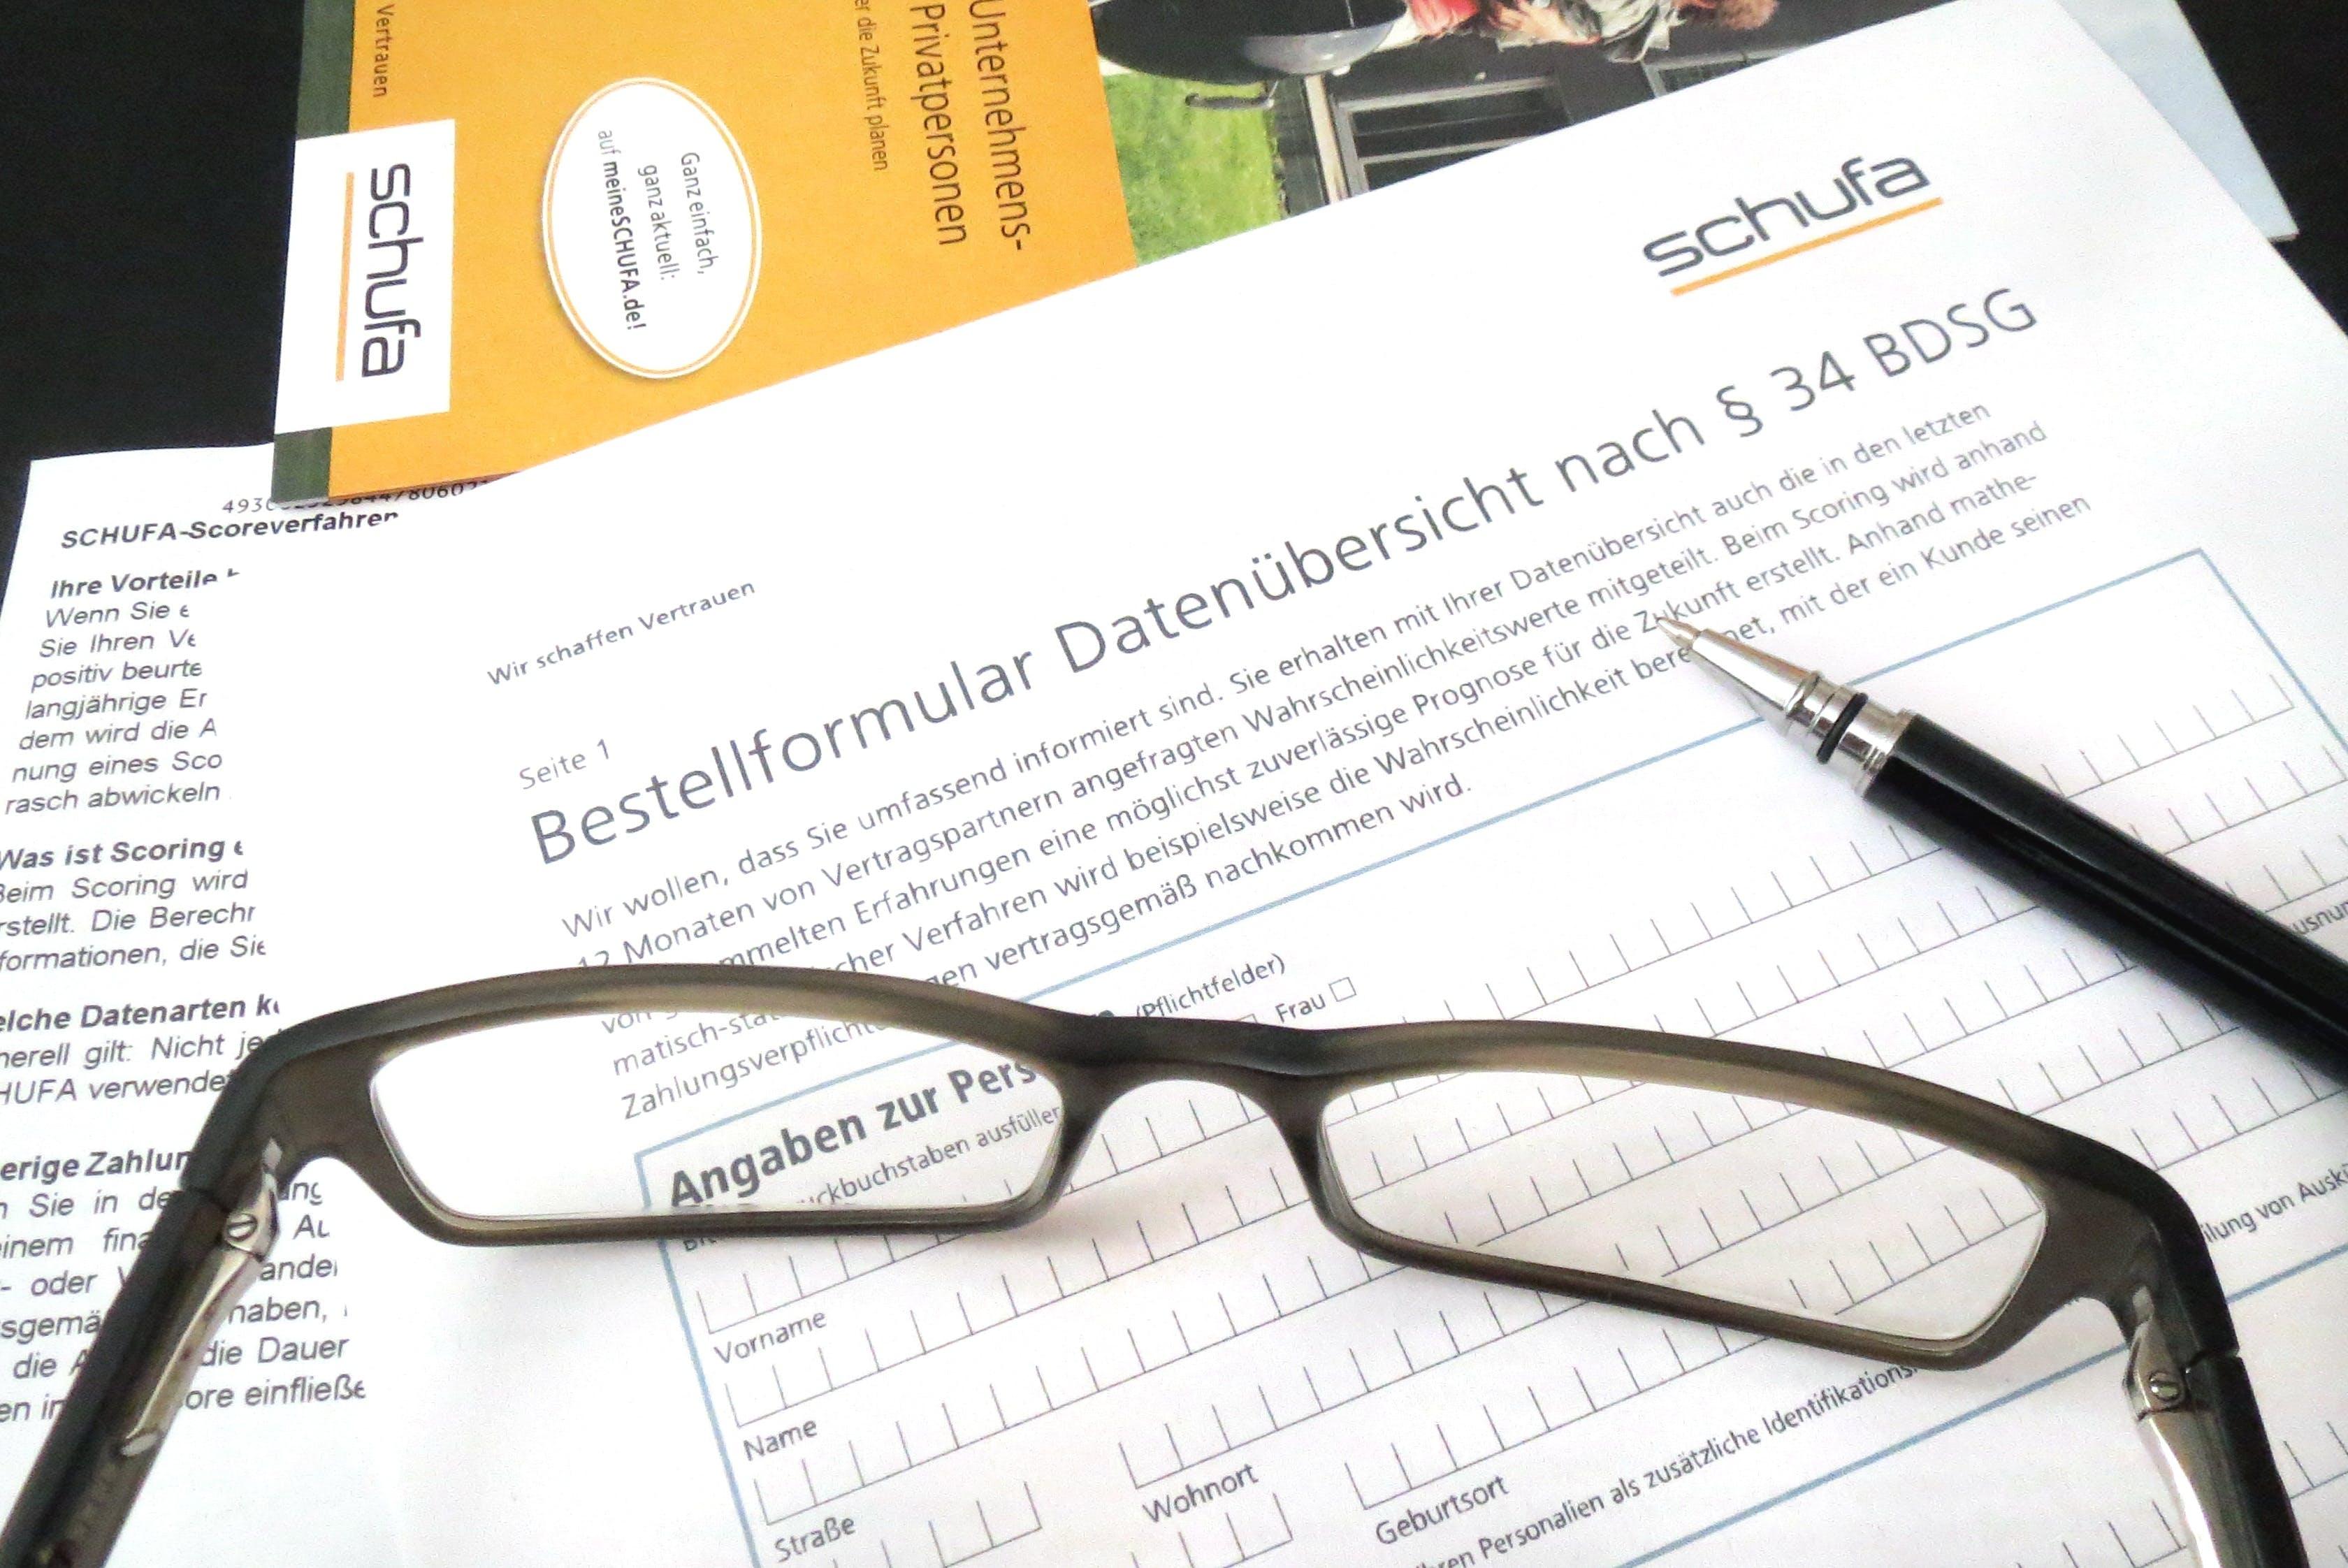 Eyeglasses Beside Black Ballpen